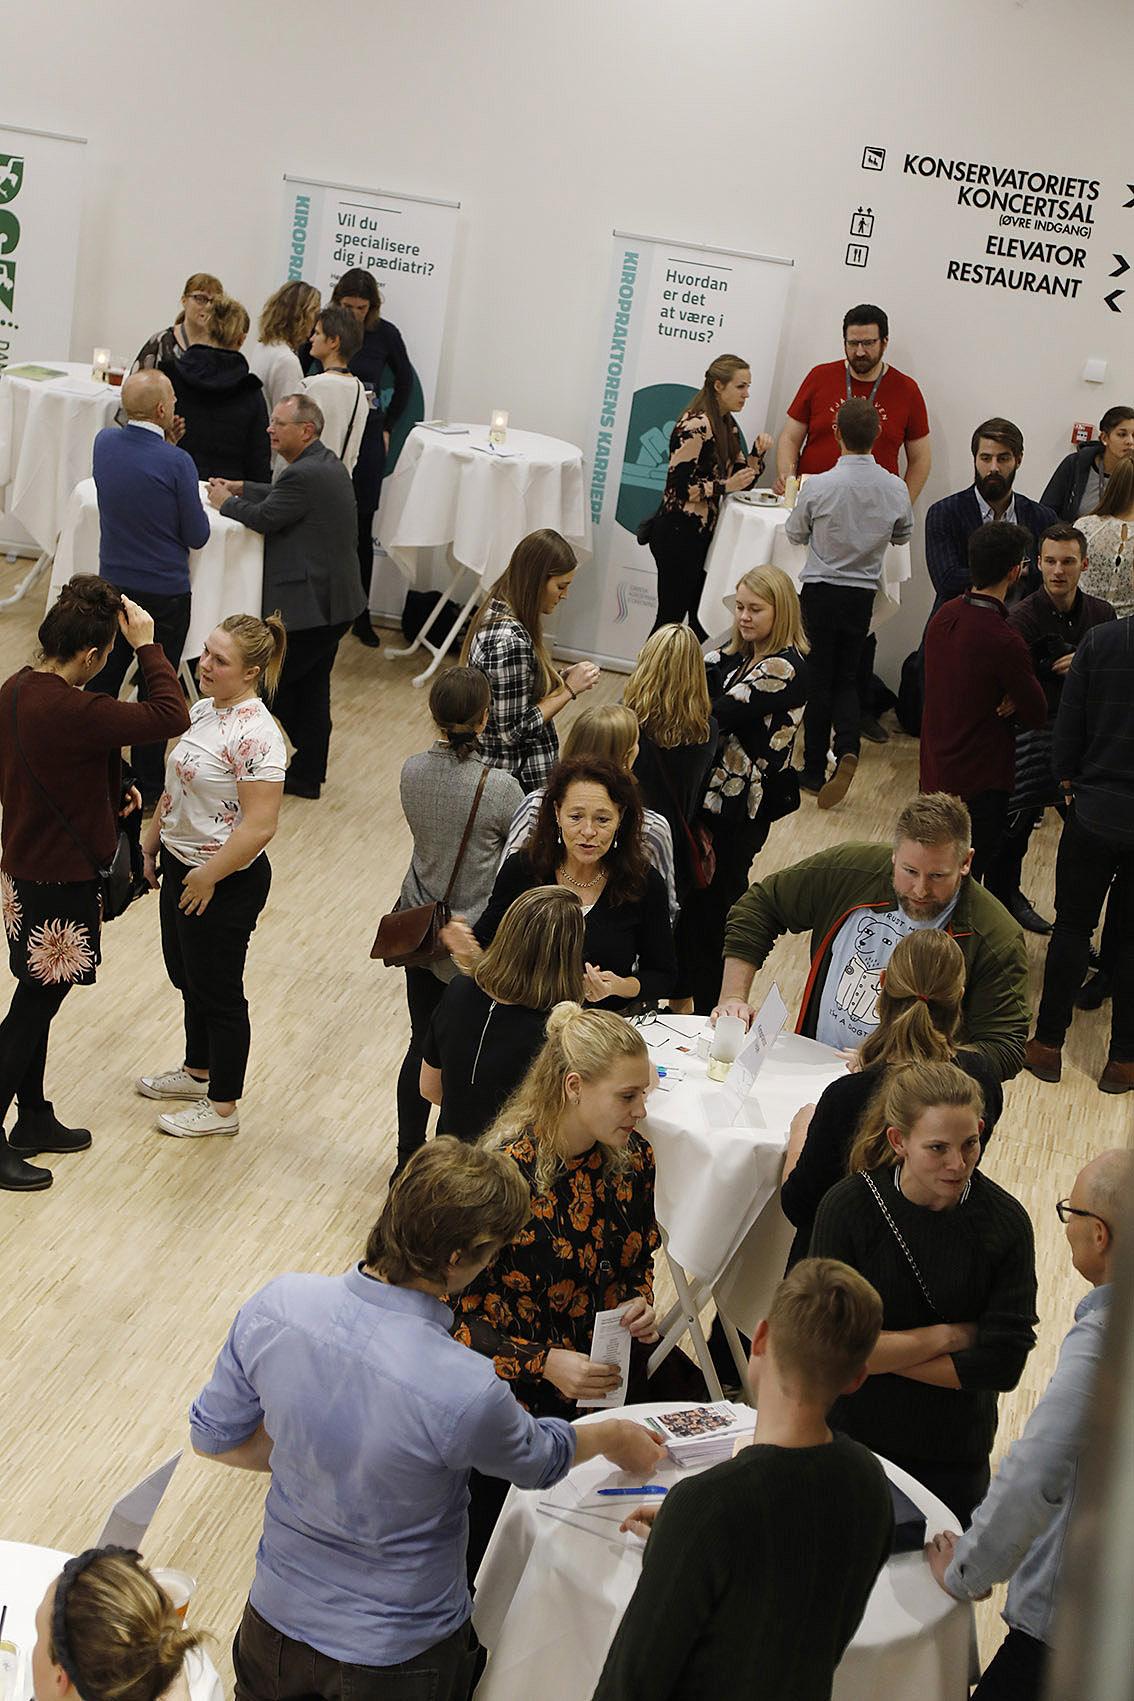 Dansk Kiropraktor Forenings samarbejde med de studerende er vigtigt